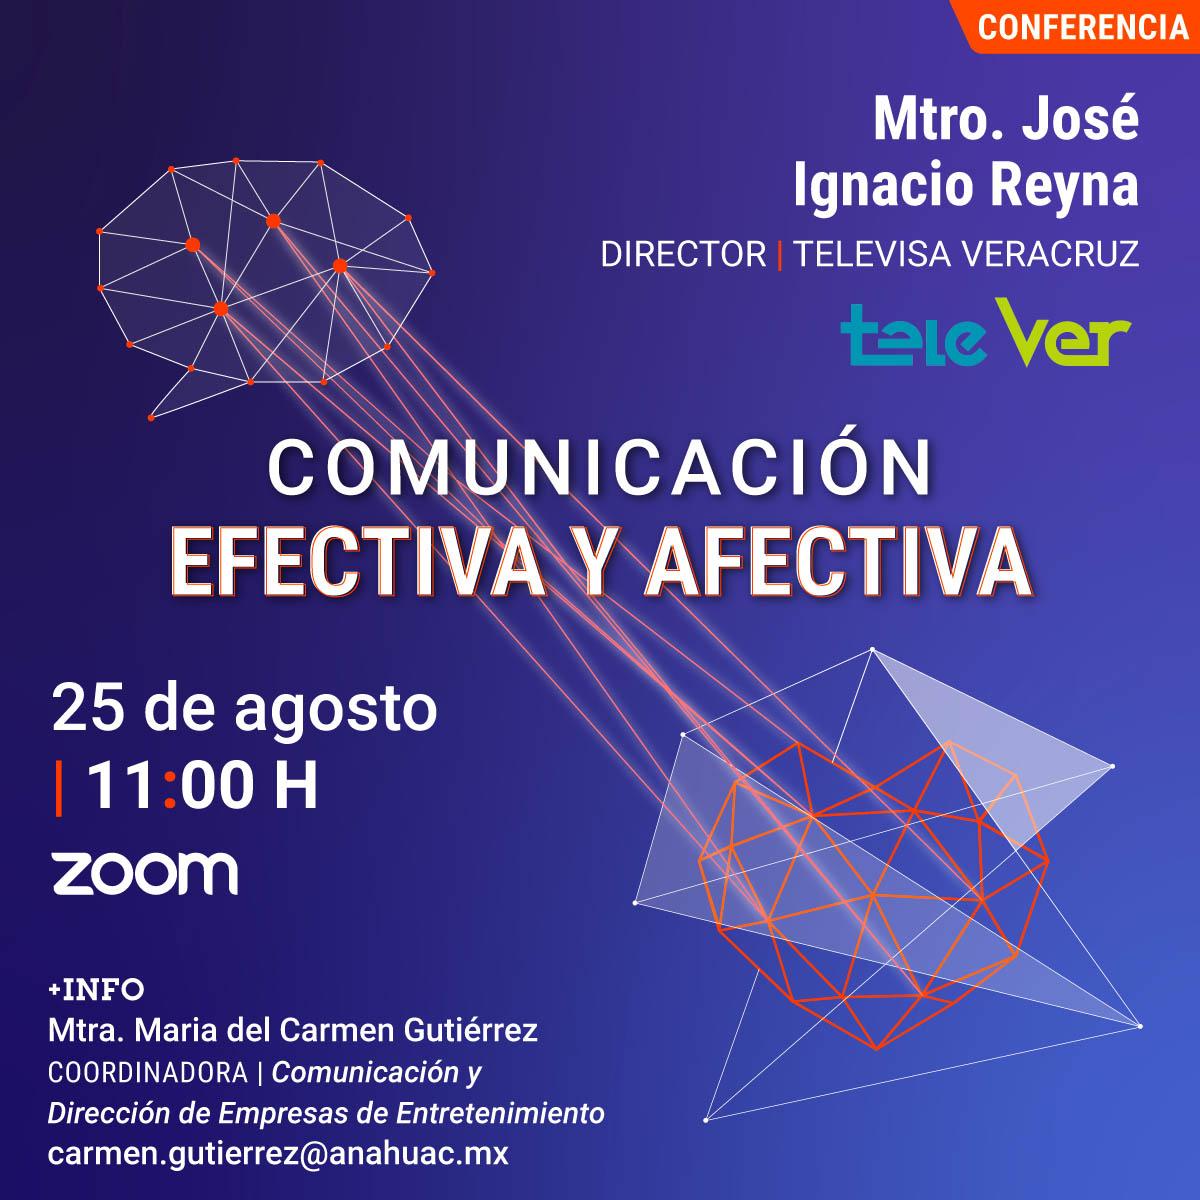 Comunicación Efectiva y Afectiva